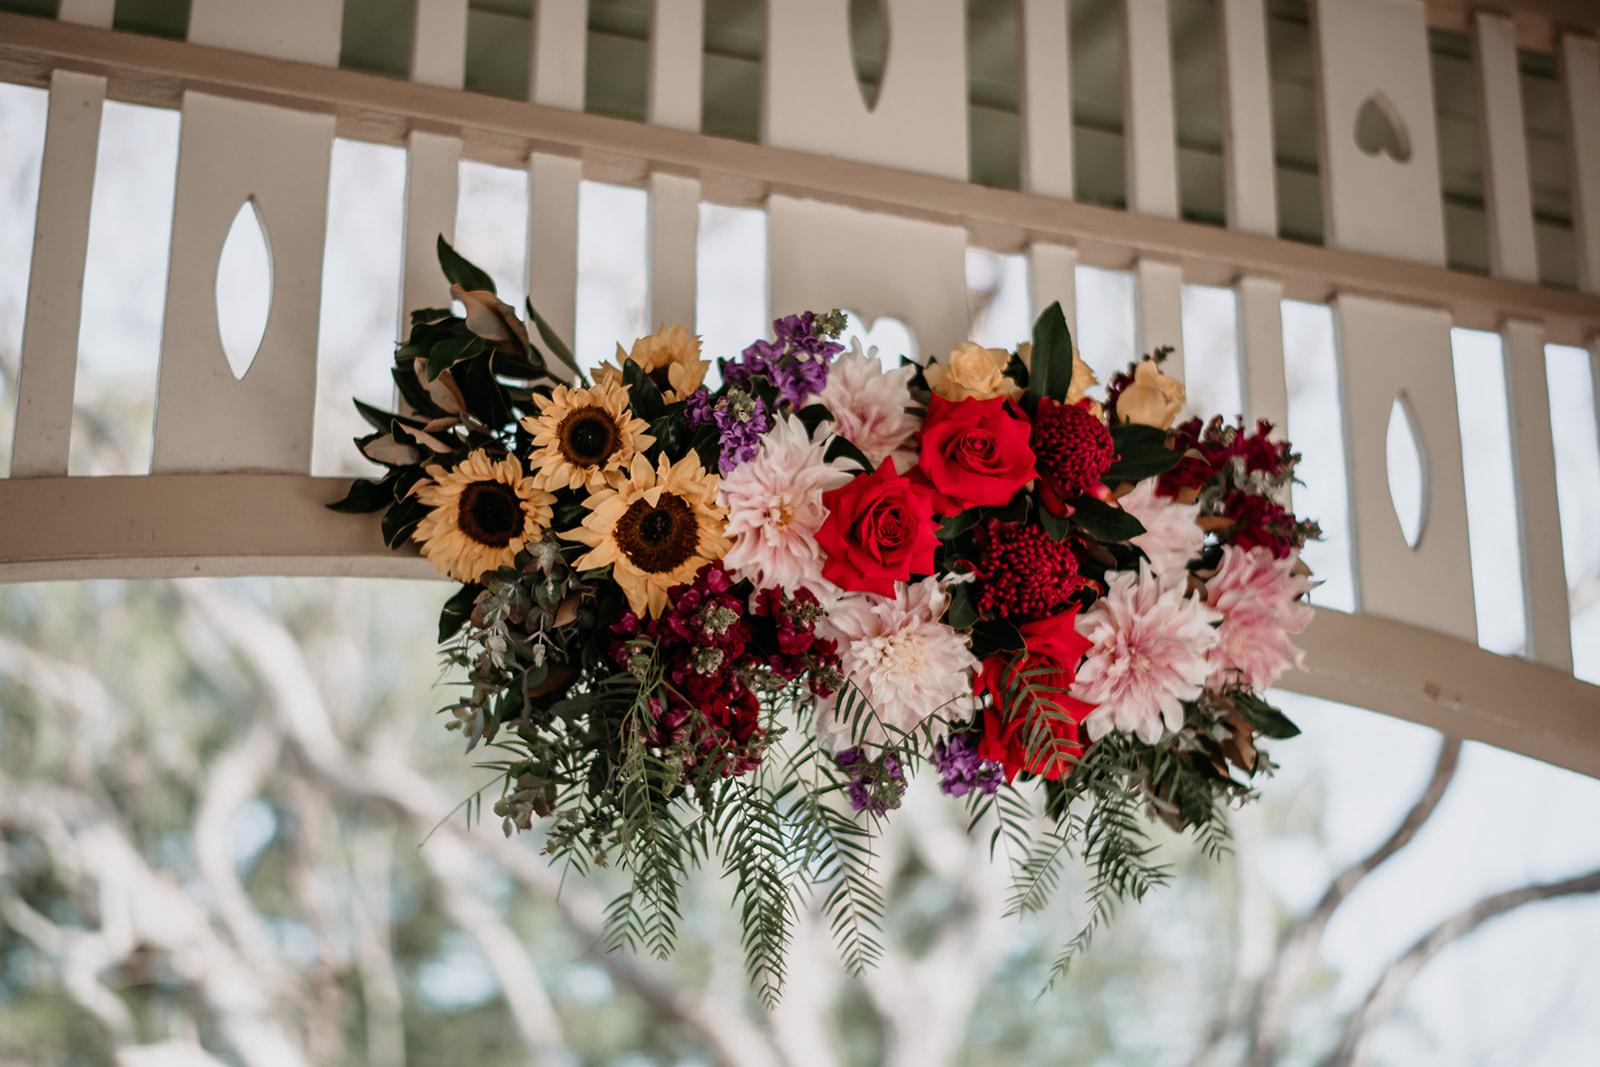 New-Farm-Rotunda-wedding-styling-Brisbane